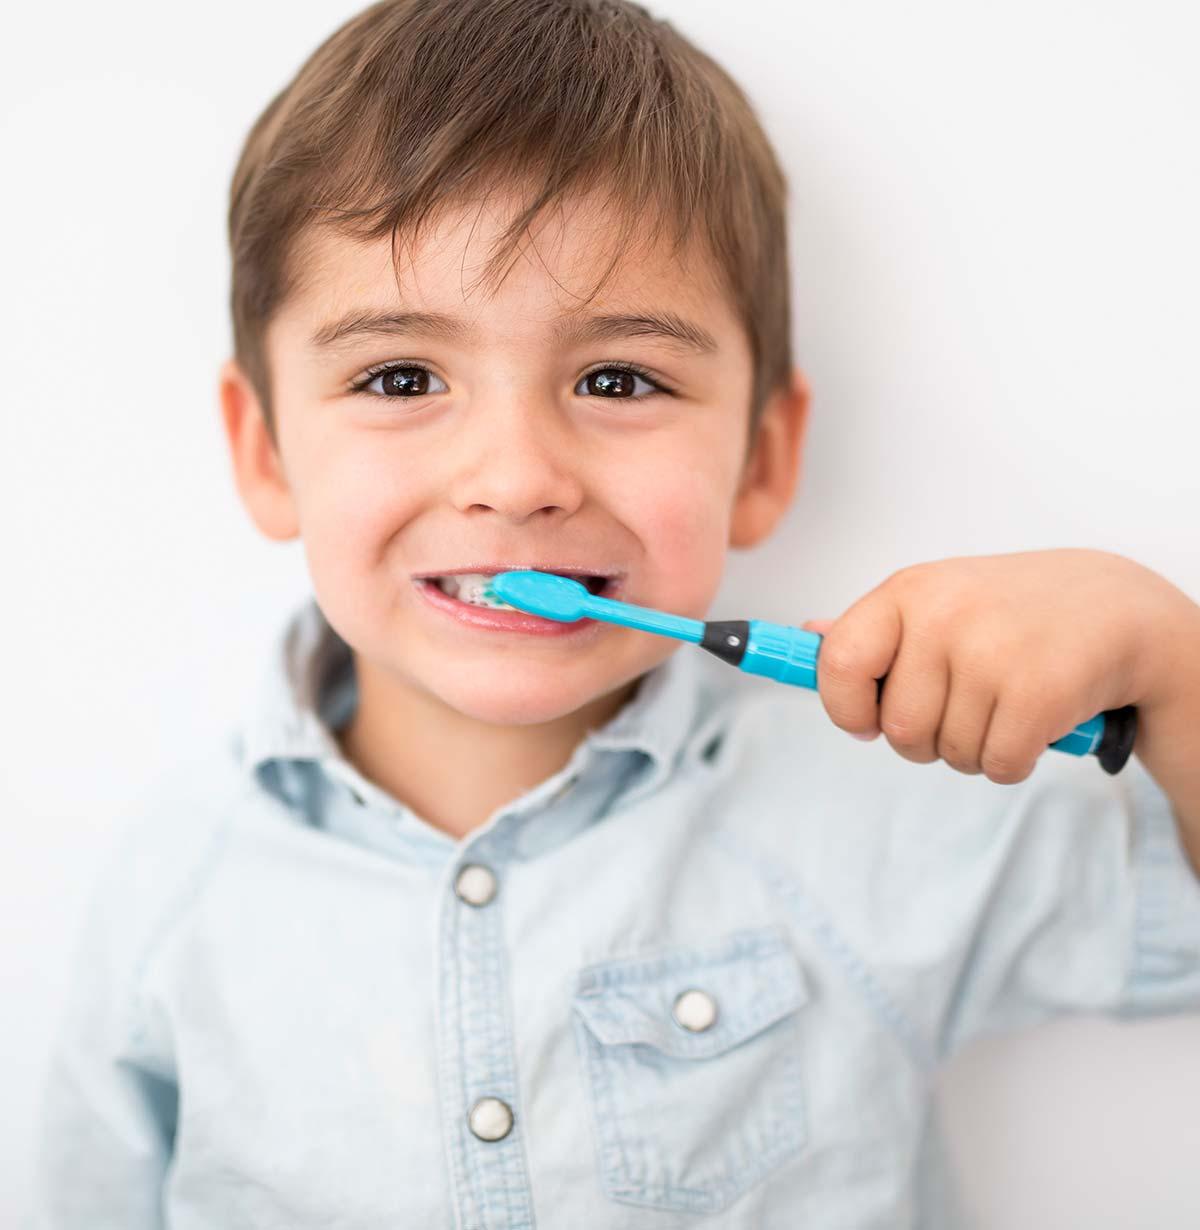 Cepillado dientes niño